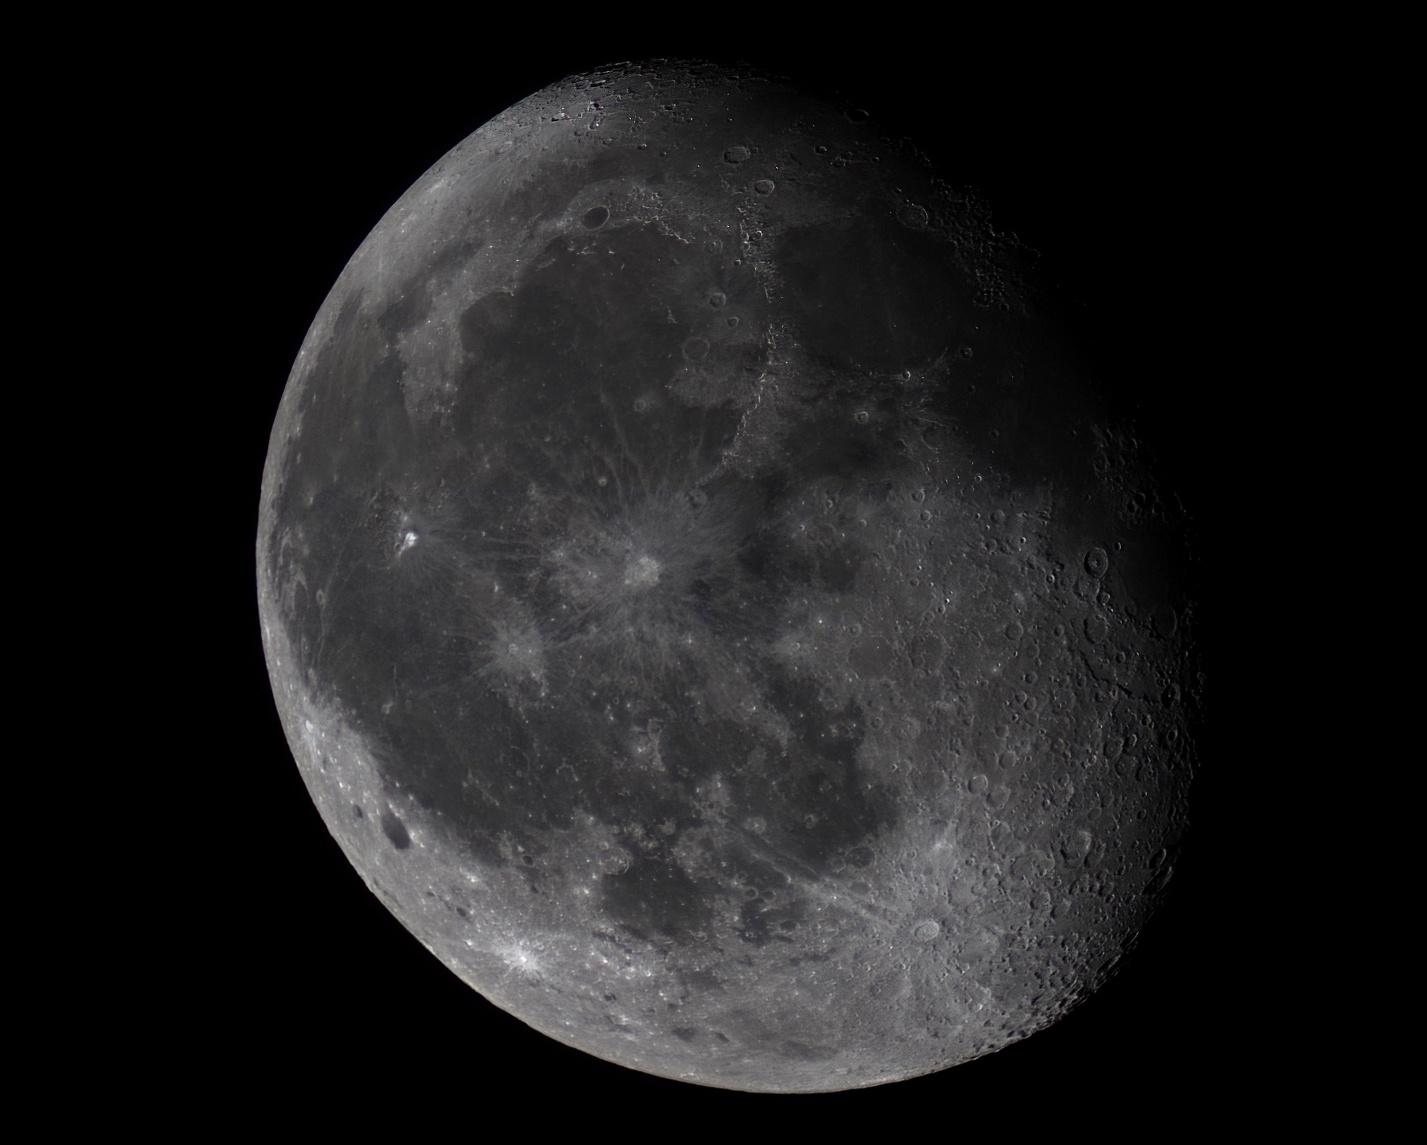 Moon_ZRT.jpg.5d40a83251f10bfe7e1ad8665beac39e.jpg